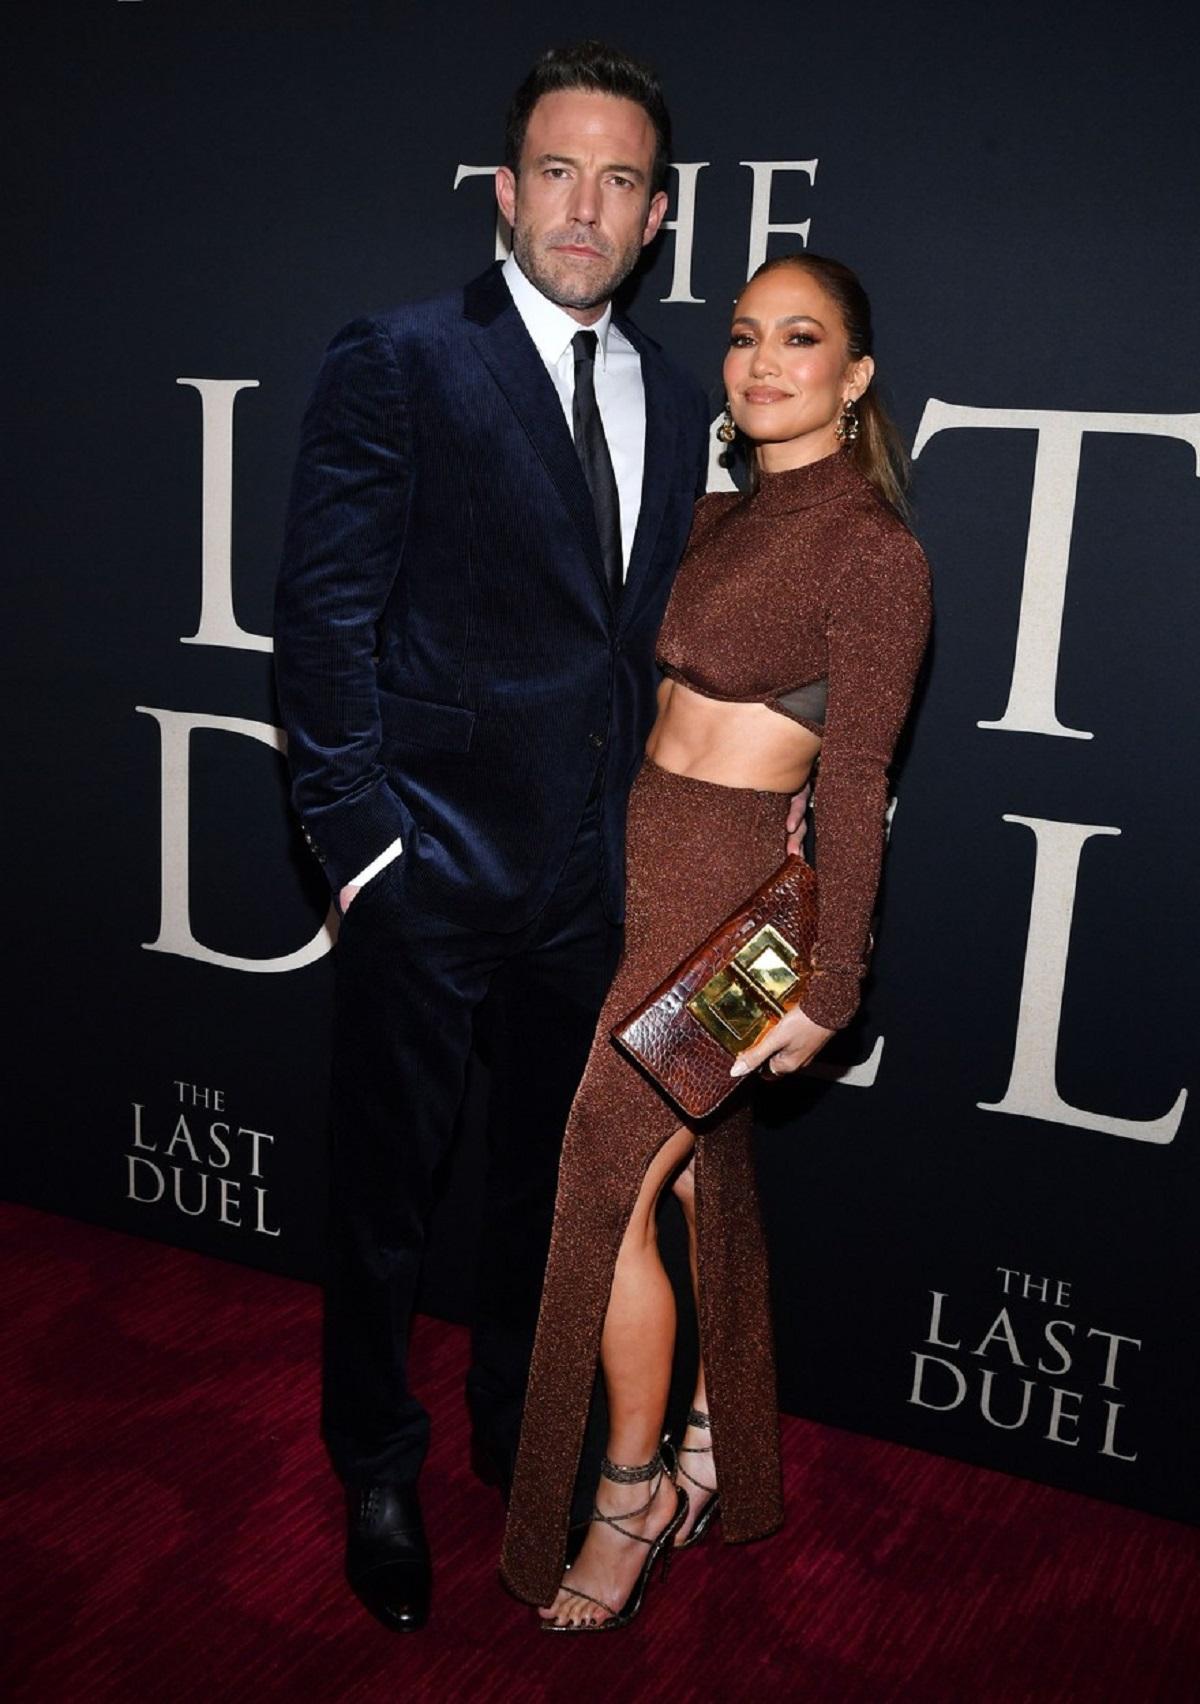 Ben Affleck la costum negru și Jenifer Lopez într-o costumație maro au fost de nerecunoscut pe covorul roșu în New York la premiera filmului The Last Duel